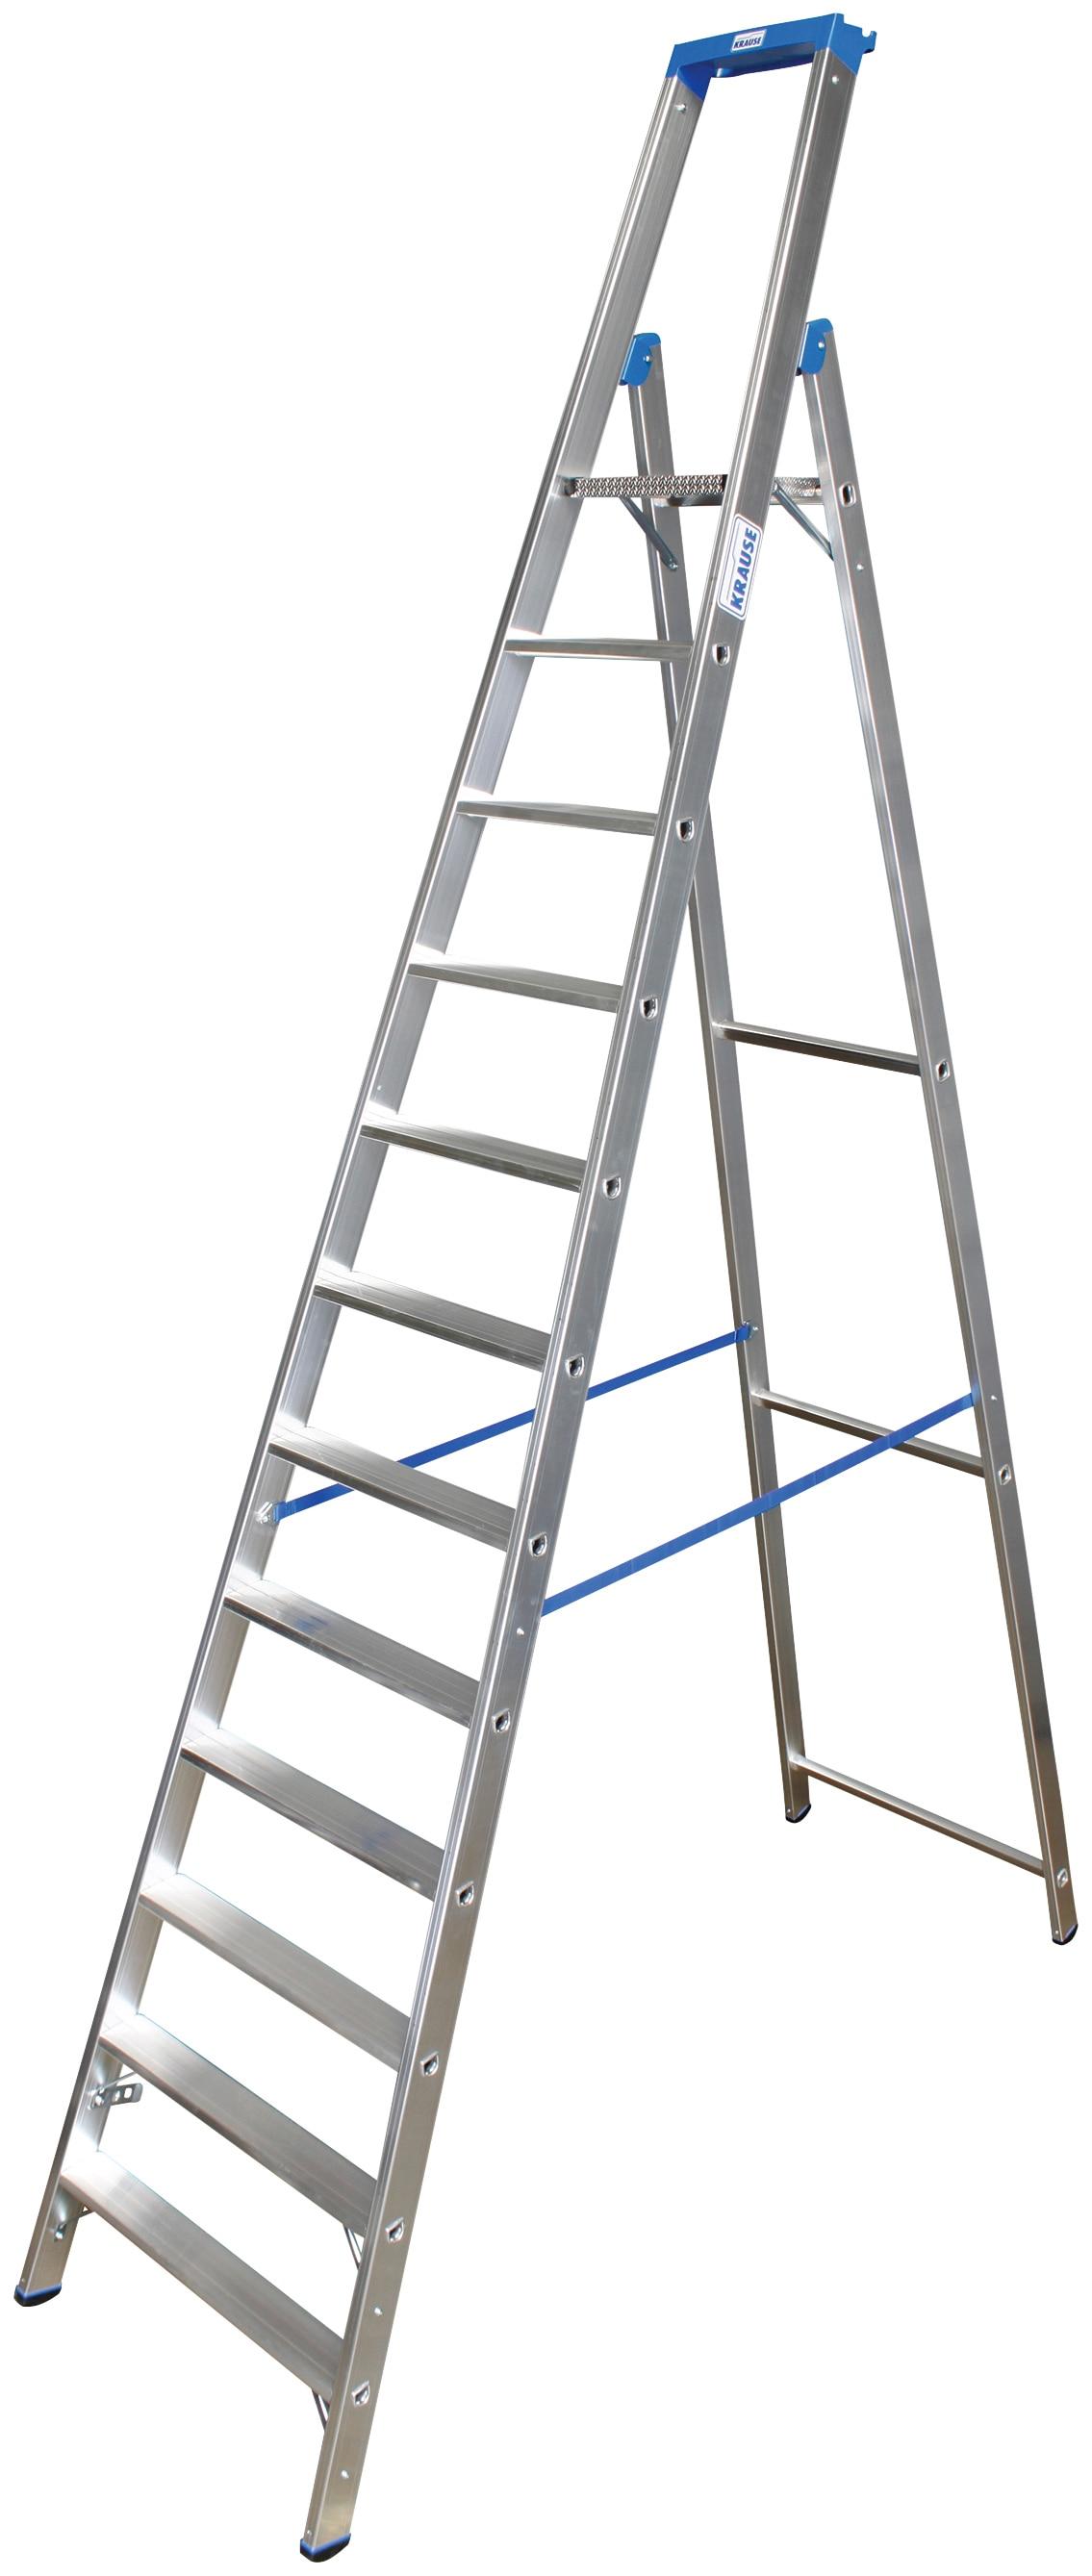 KRAUSE Stehleiter »STABILO« | Baumarkt > Leitern und Treppen > Stehleiter | KRAUSE